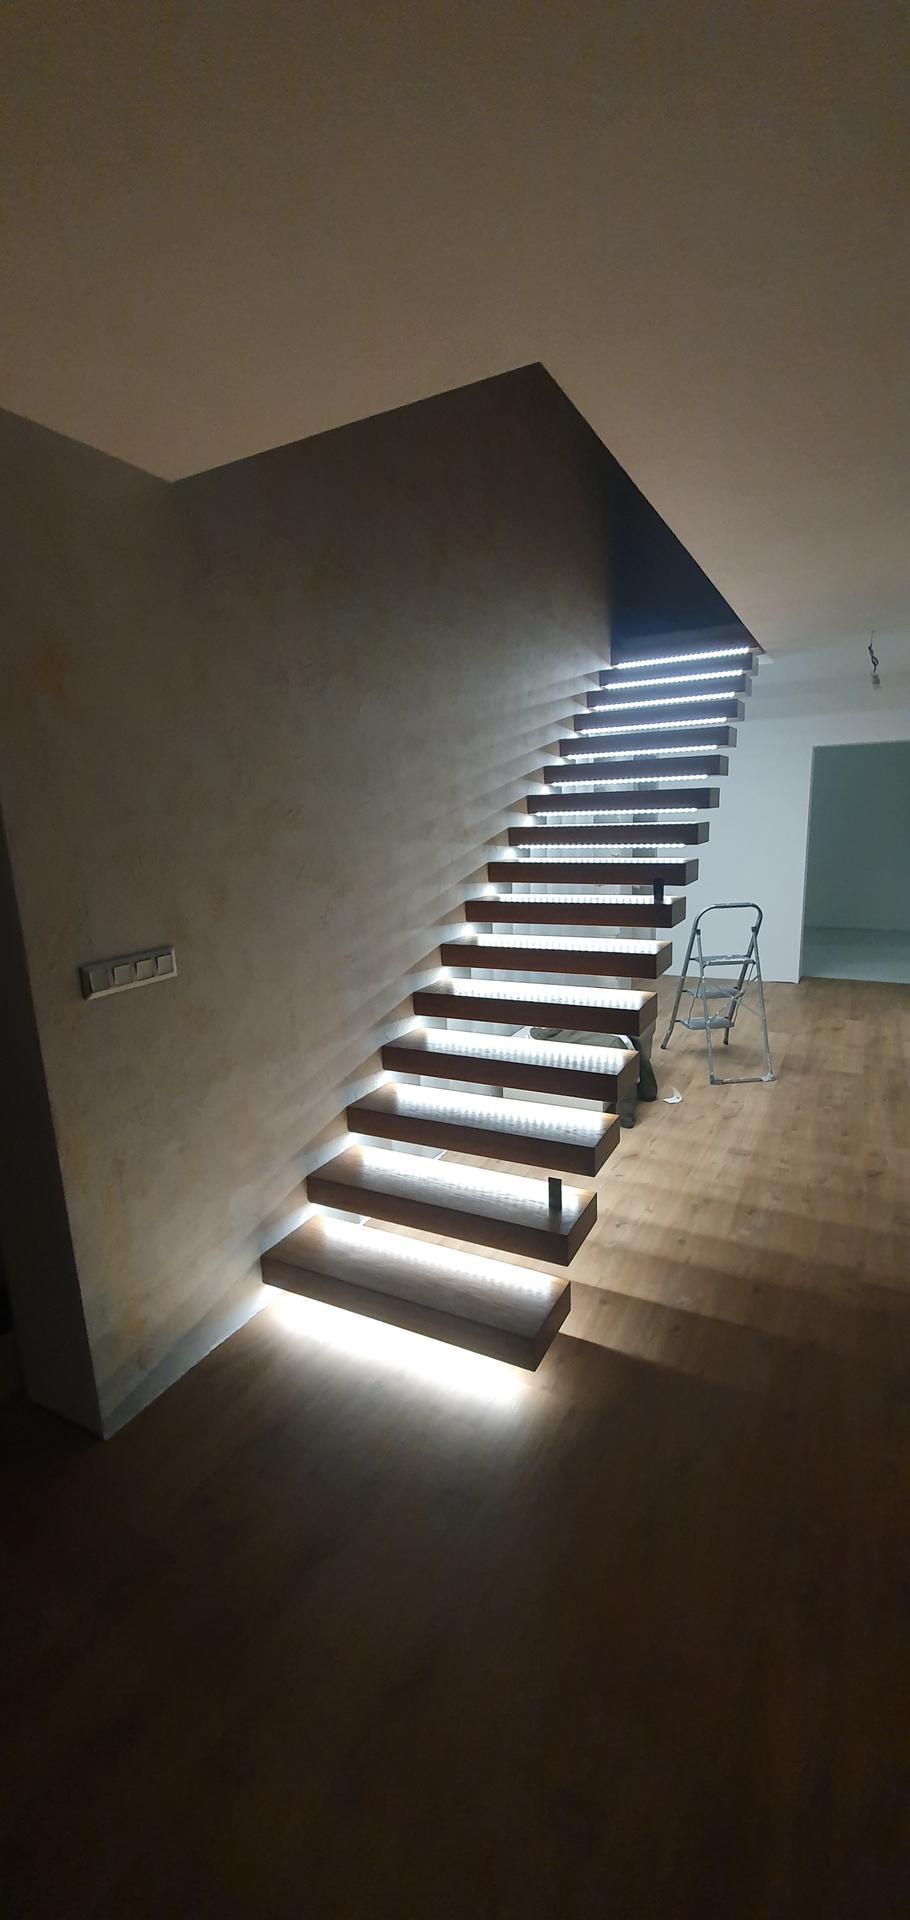 Konzolove schodisko (samonosne schody) - Obrázok č. 44